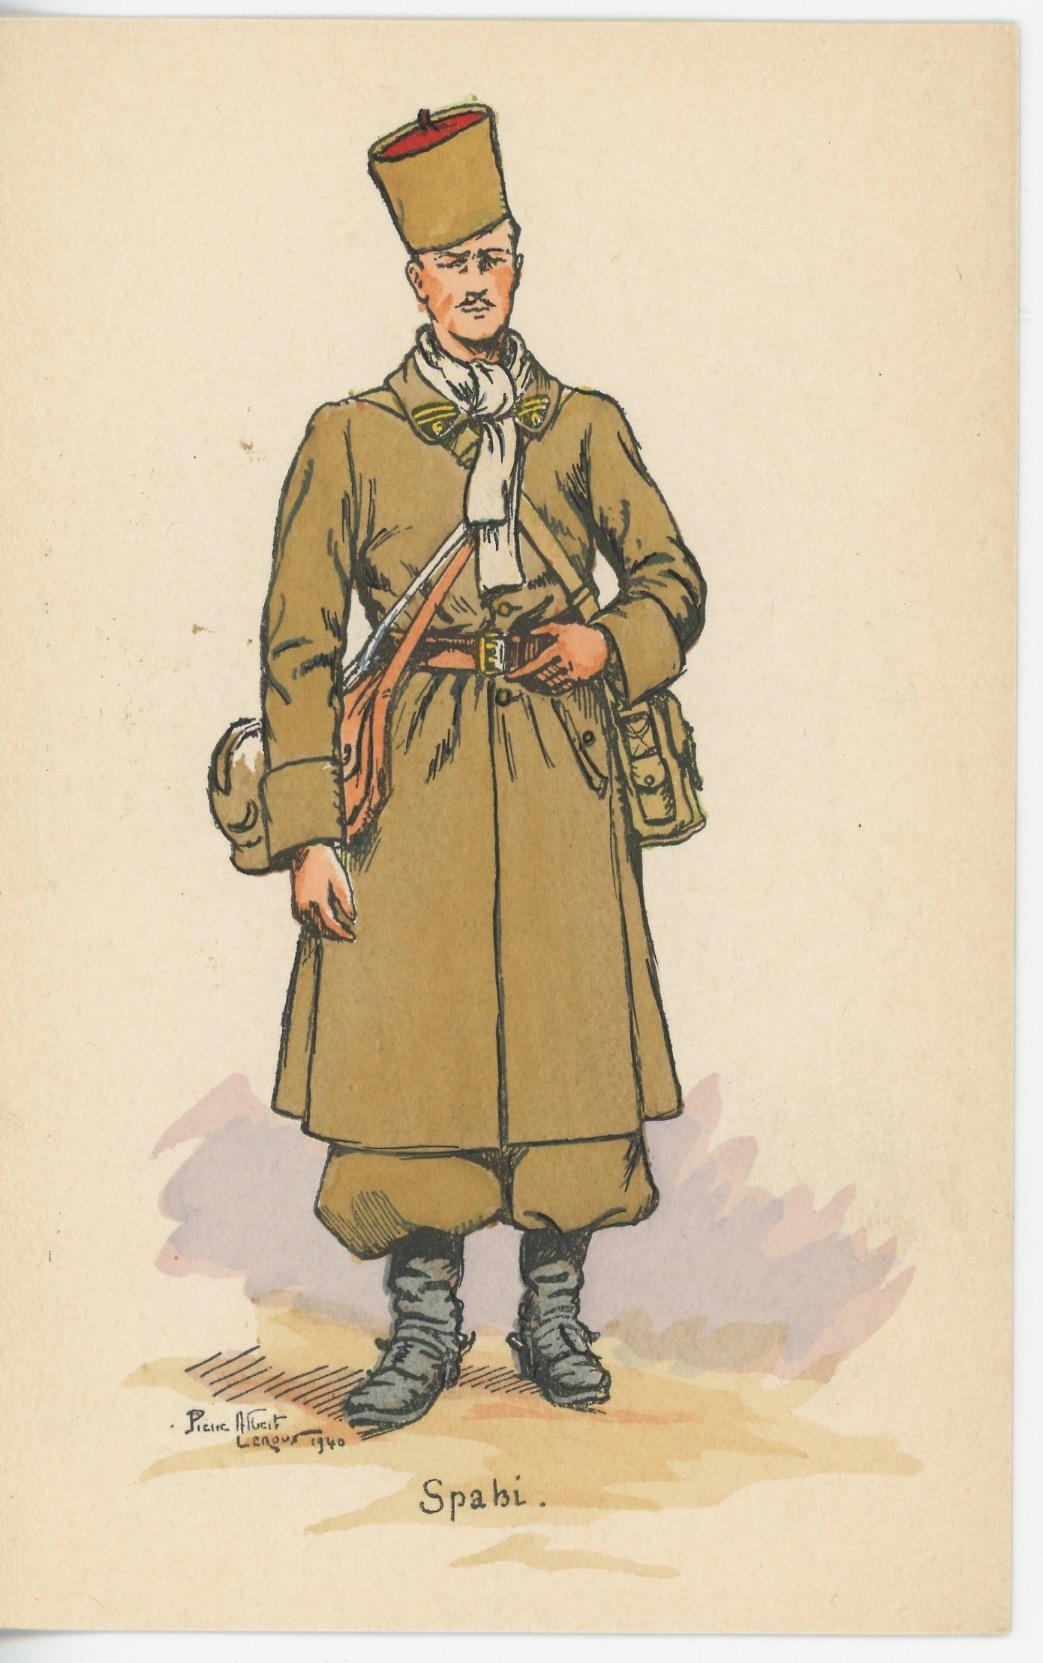 Carte Postale Illustrée - Pierre Albert Leroux - Edition Militaire Illustrées - Spahi - 1940